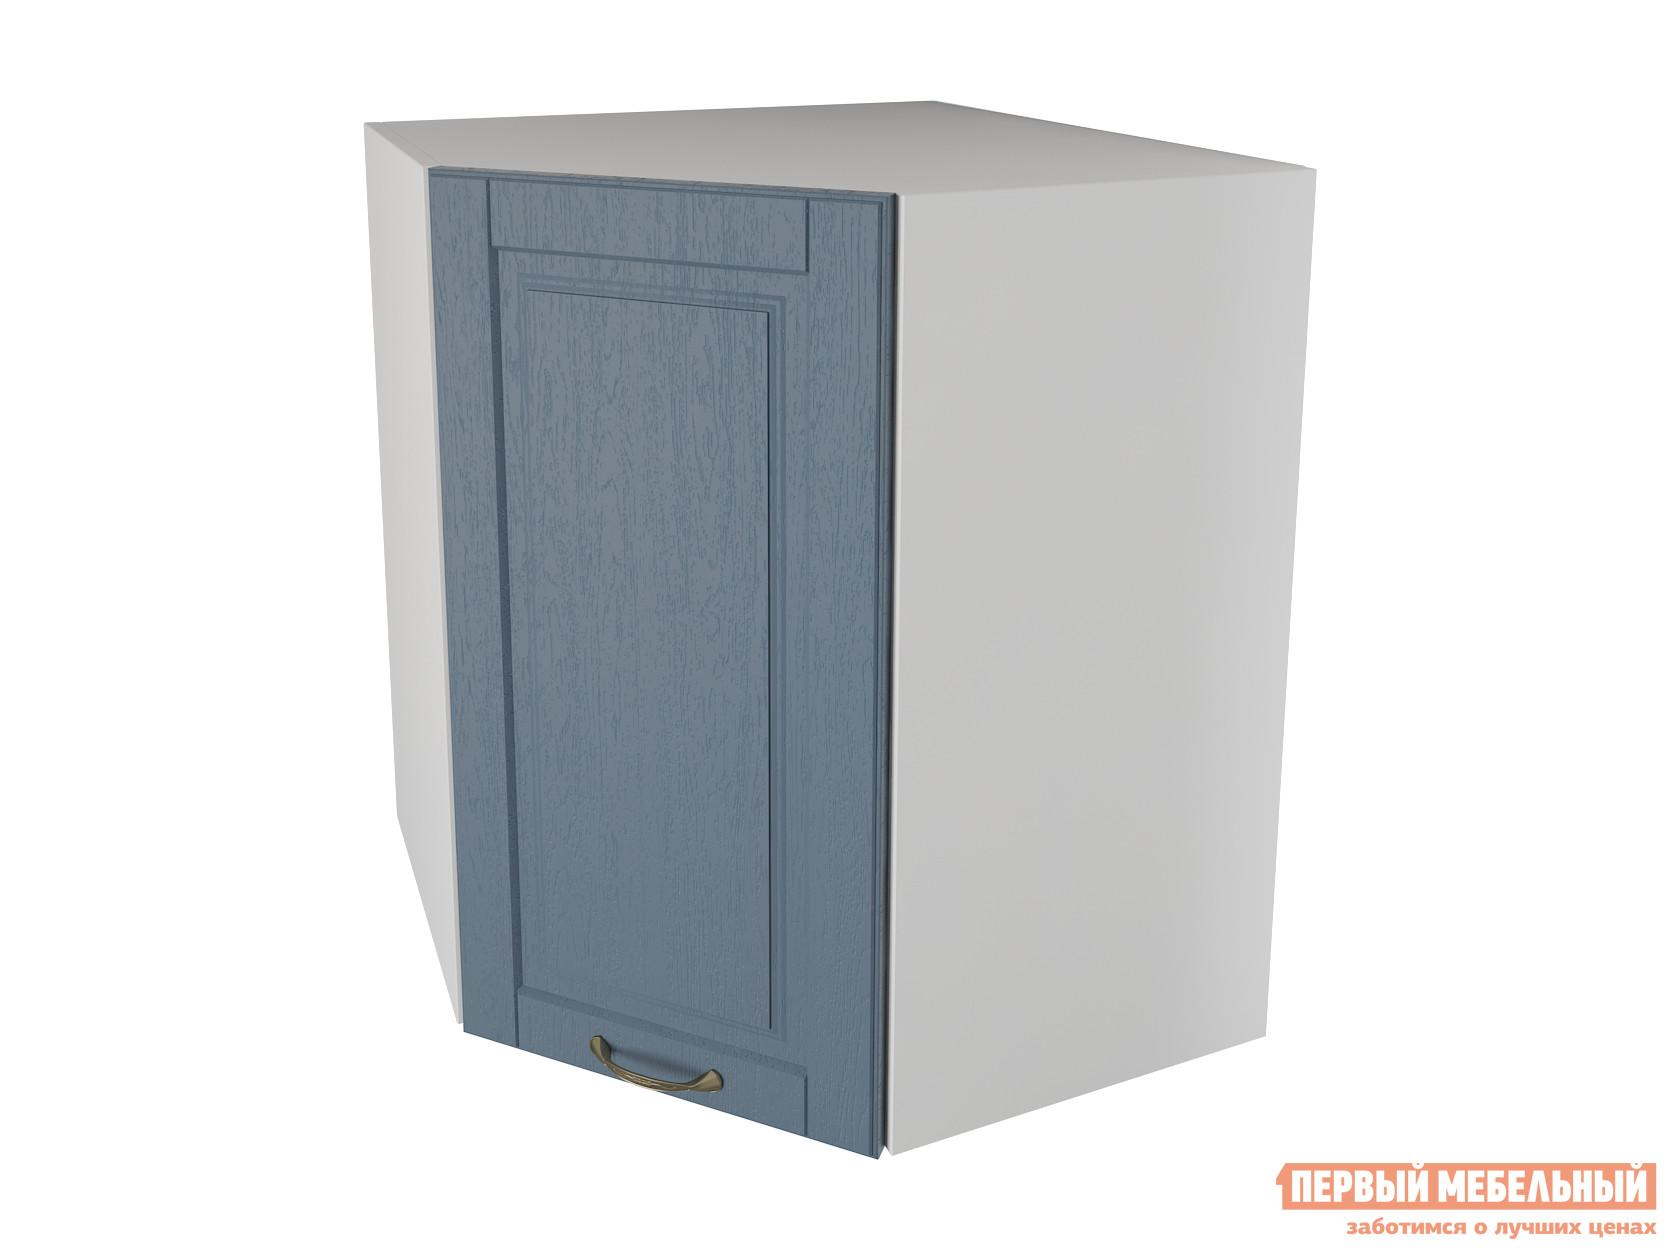 Кухонный модуль Первый Мебельный Шкаф угловой трапеция 1 дверь 60 см Палермо